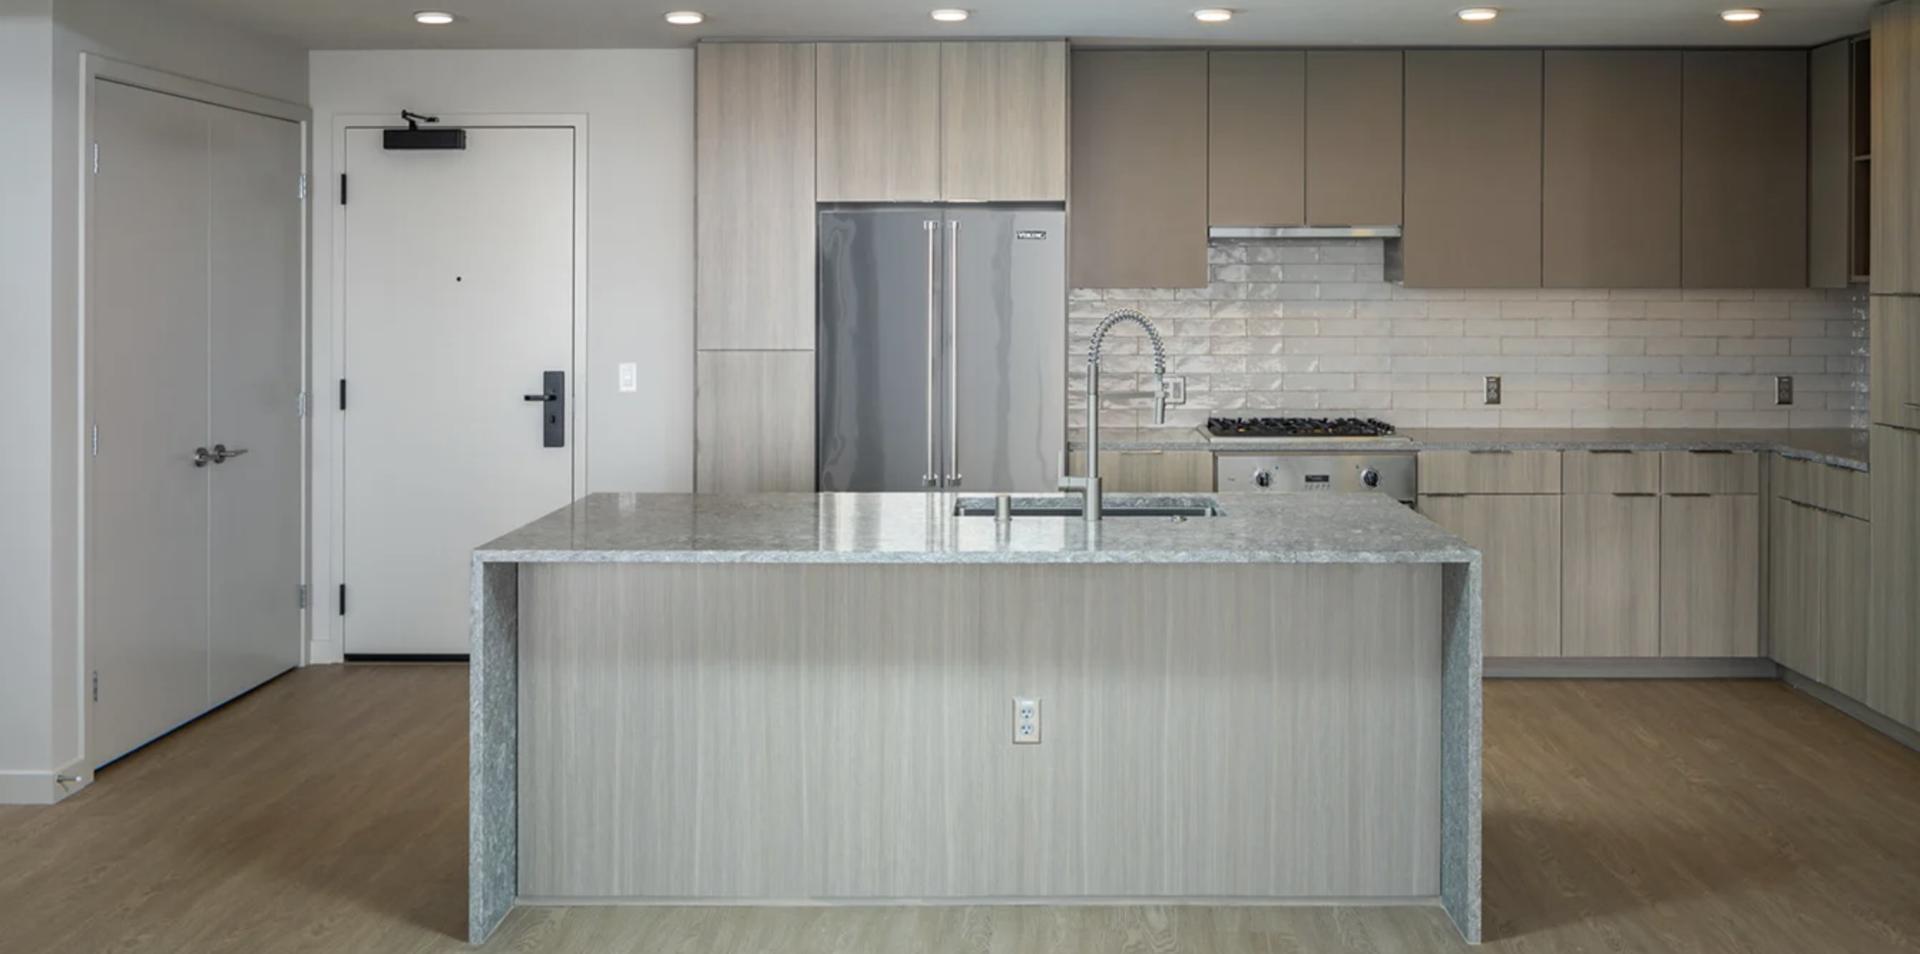 601 11th Avenue #1116, San Diego, CA - $4,820 USD/ month